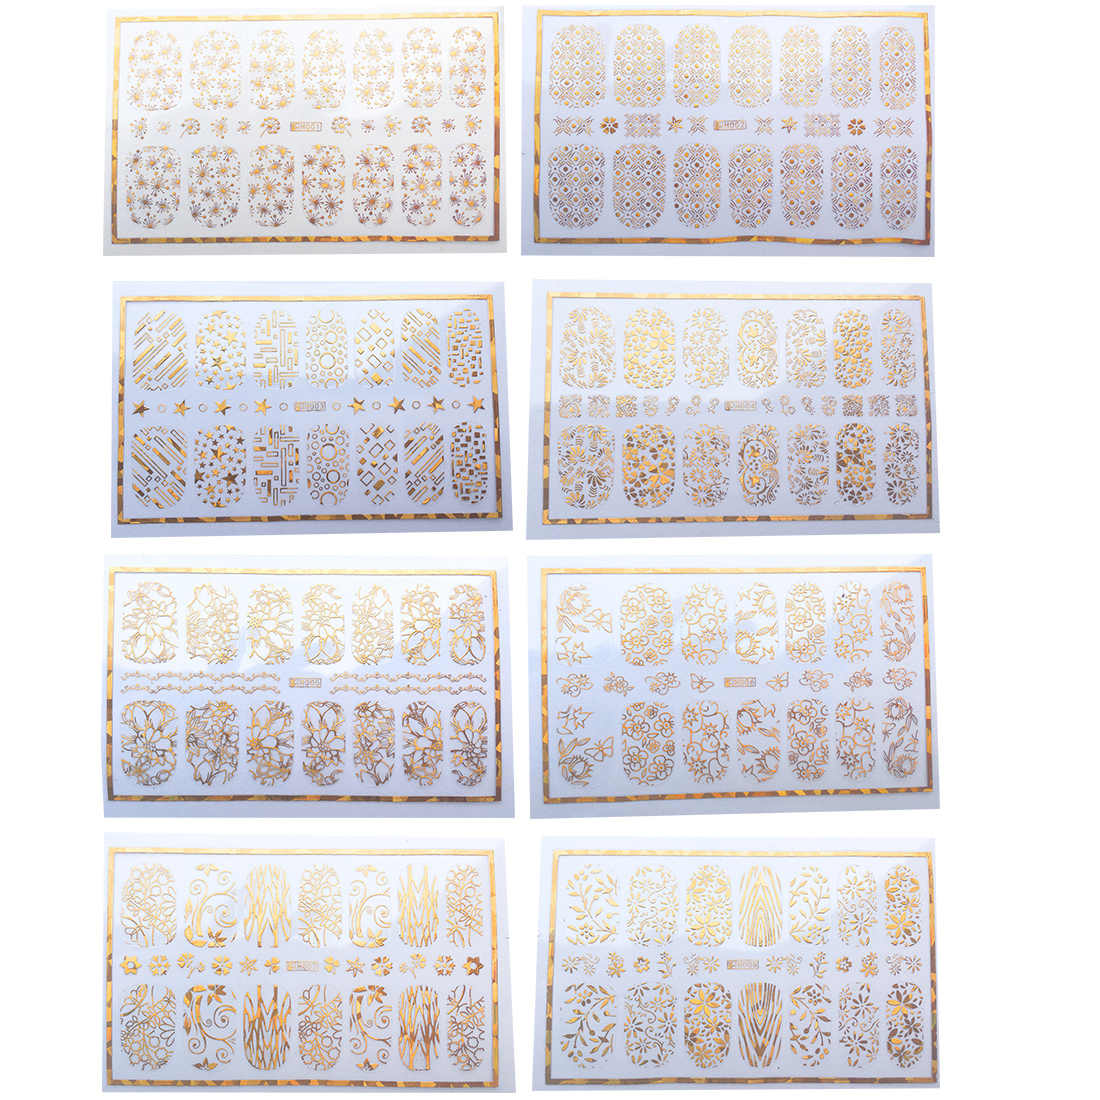 Art des ongles enveloppes 3D couverture complète vigne étoile géométrique paillettes 1 feuille sonwflocon doigt décalcomanies or ongles autocollant métal fleur papier